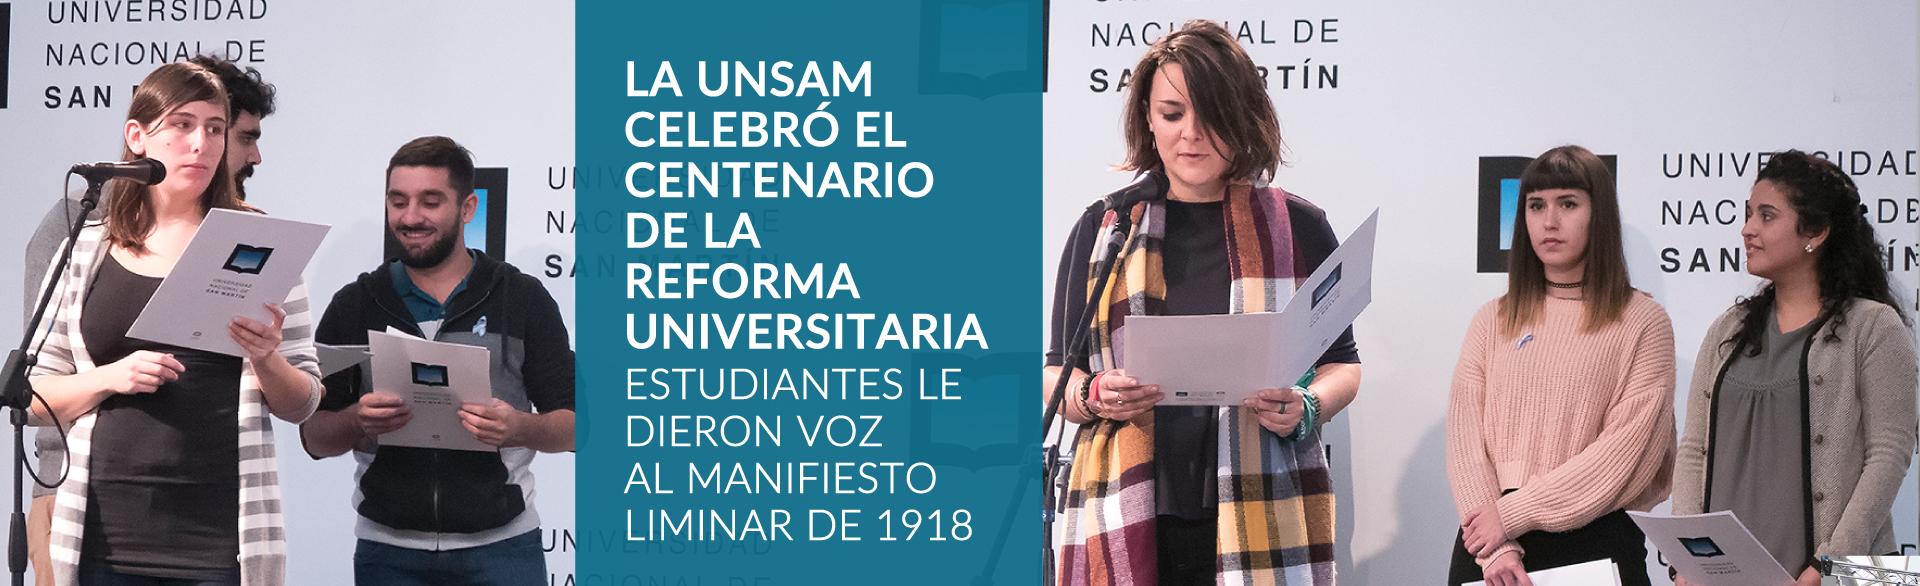 100 Años de la Reforma Universitaria